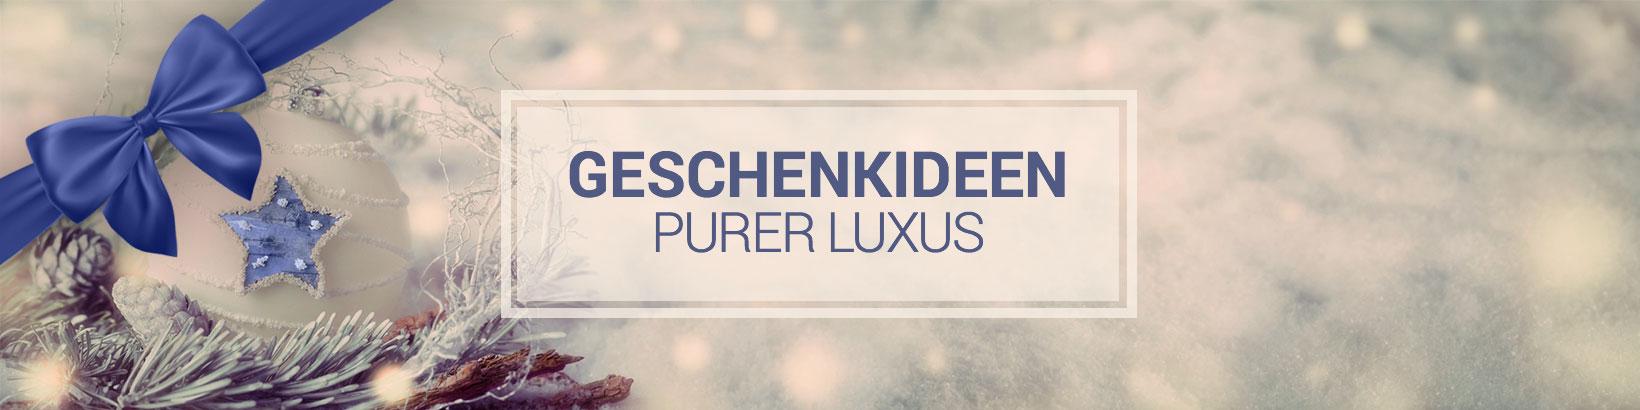 Visual-Weihnachten-Geschenke-Herren-Luxus-1640x410